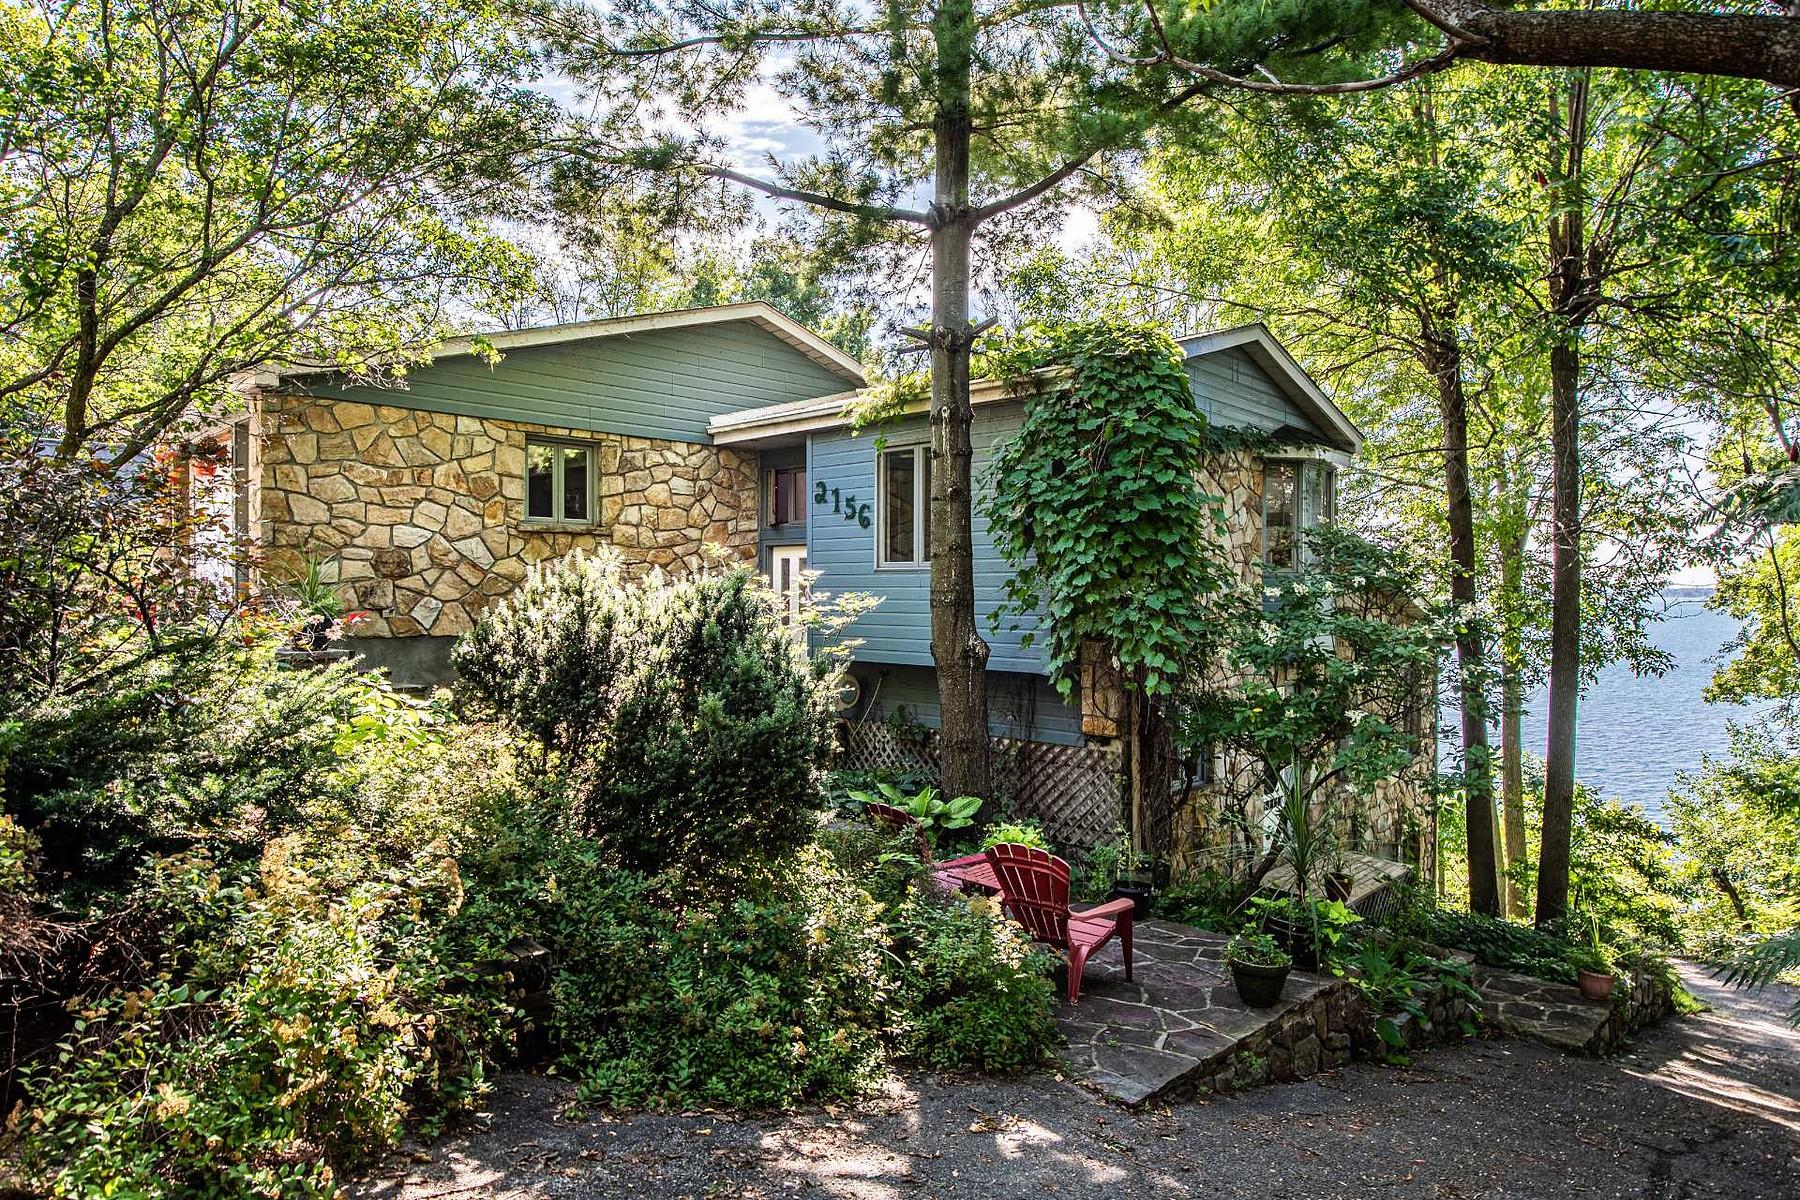 Single Family Homes for Sale at Notre-Dame-de-l'Île-Perrot, Montérégie 2156 Boul. Perrot Notre-Dame-De-L'ile-Perrot, Quebec J7V8P4 Canada